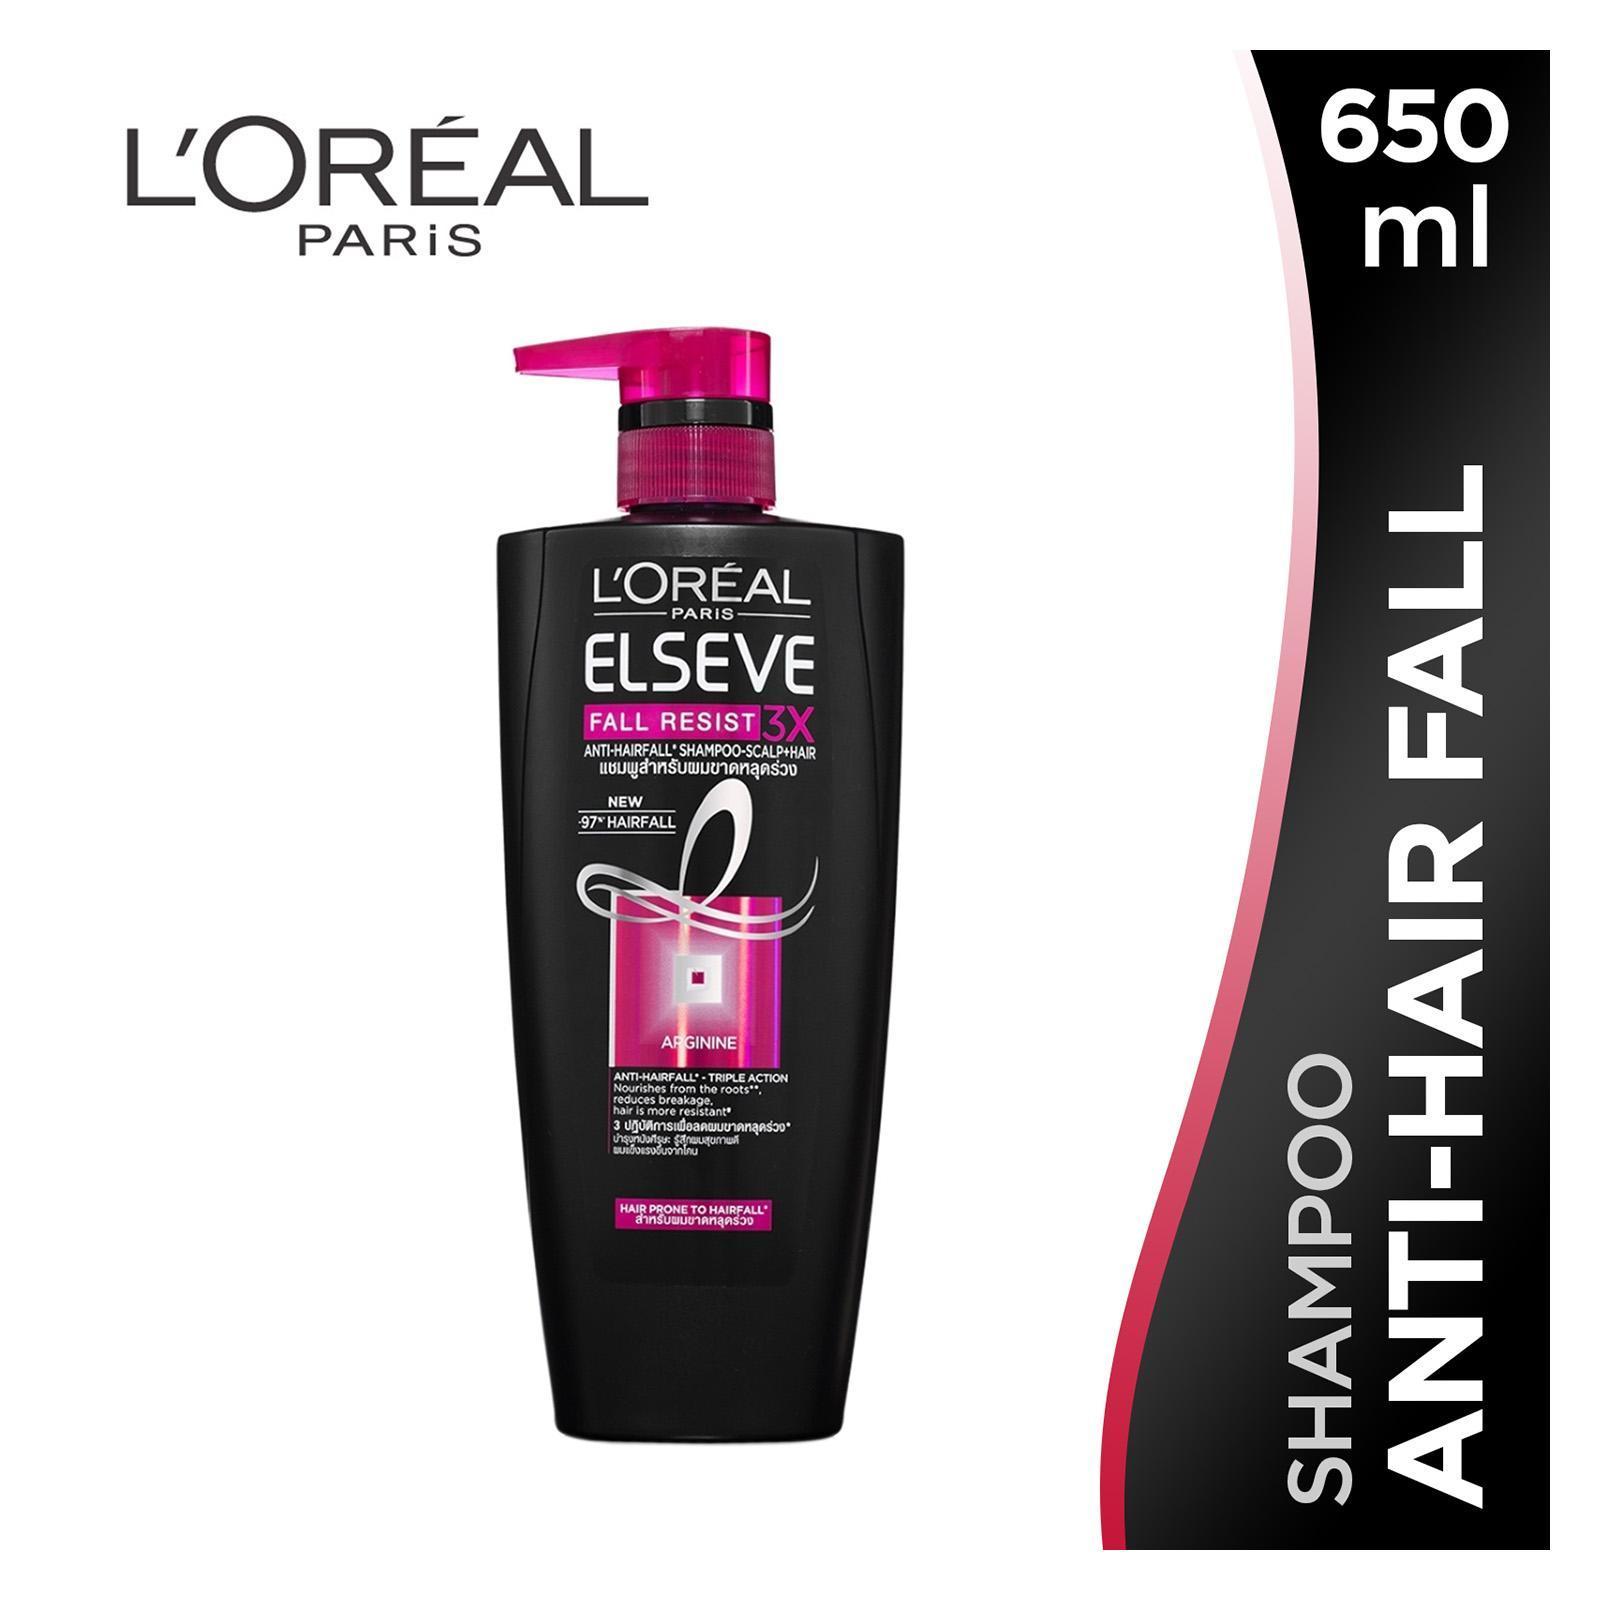 L'Oreal Paris Elseve Fall Repair Anti-Hair Fall Shampoo